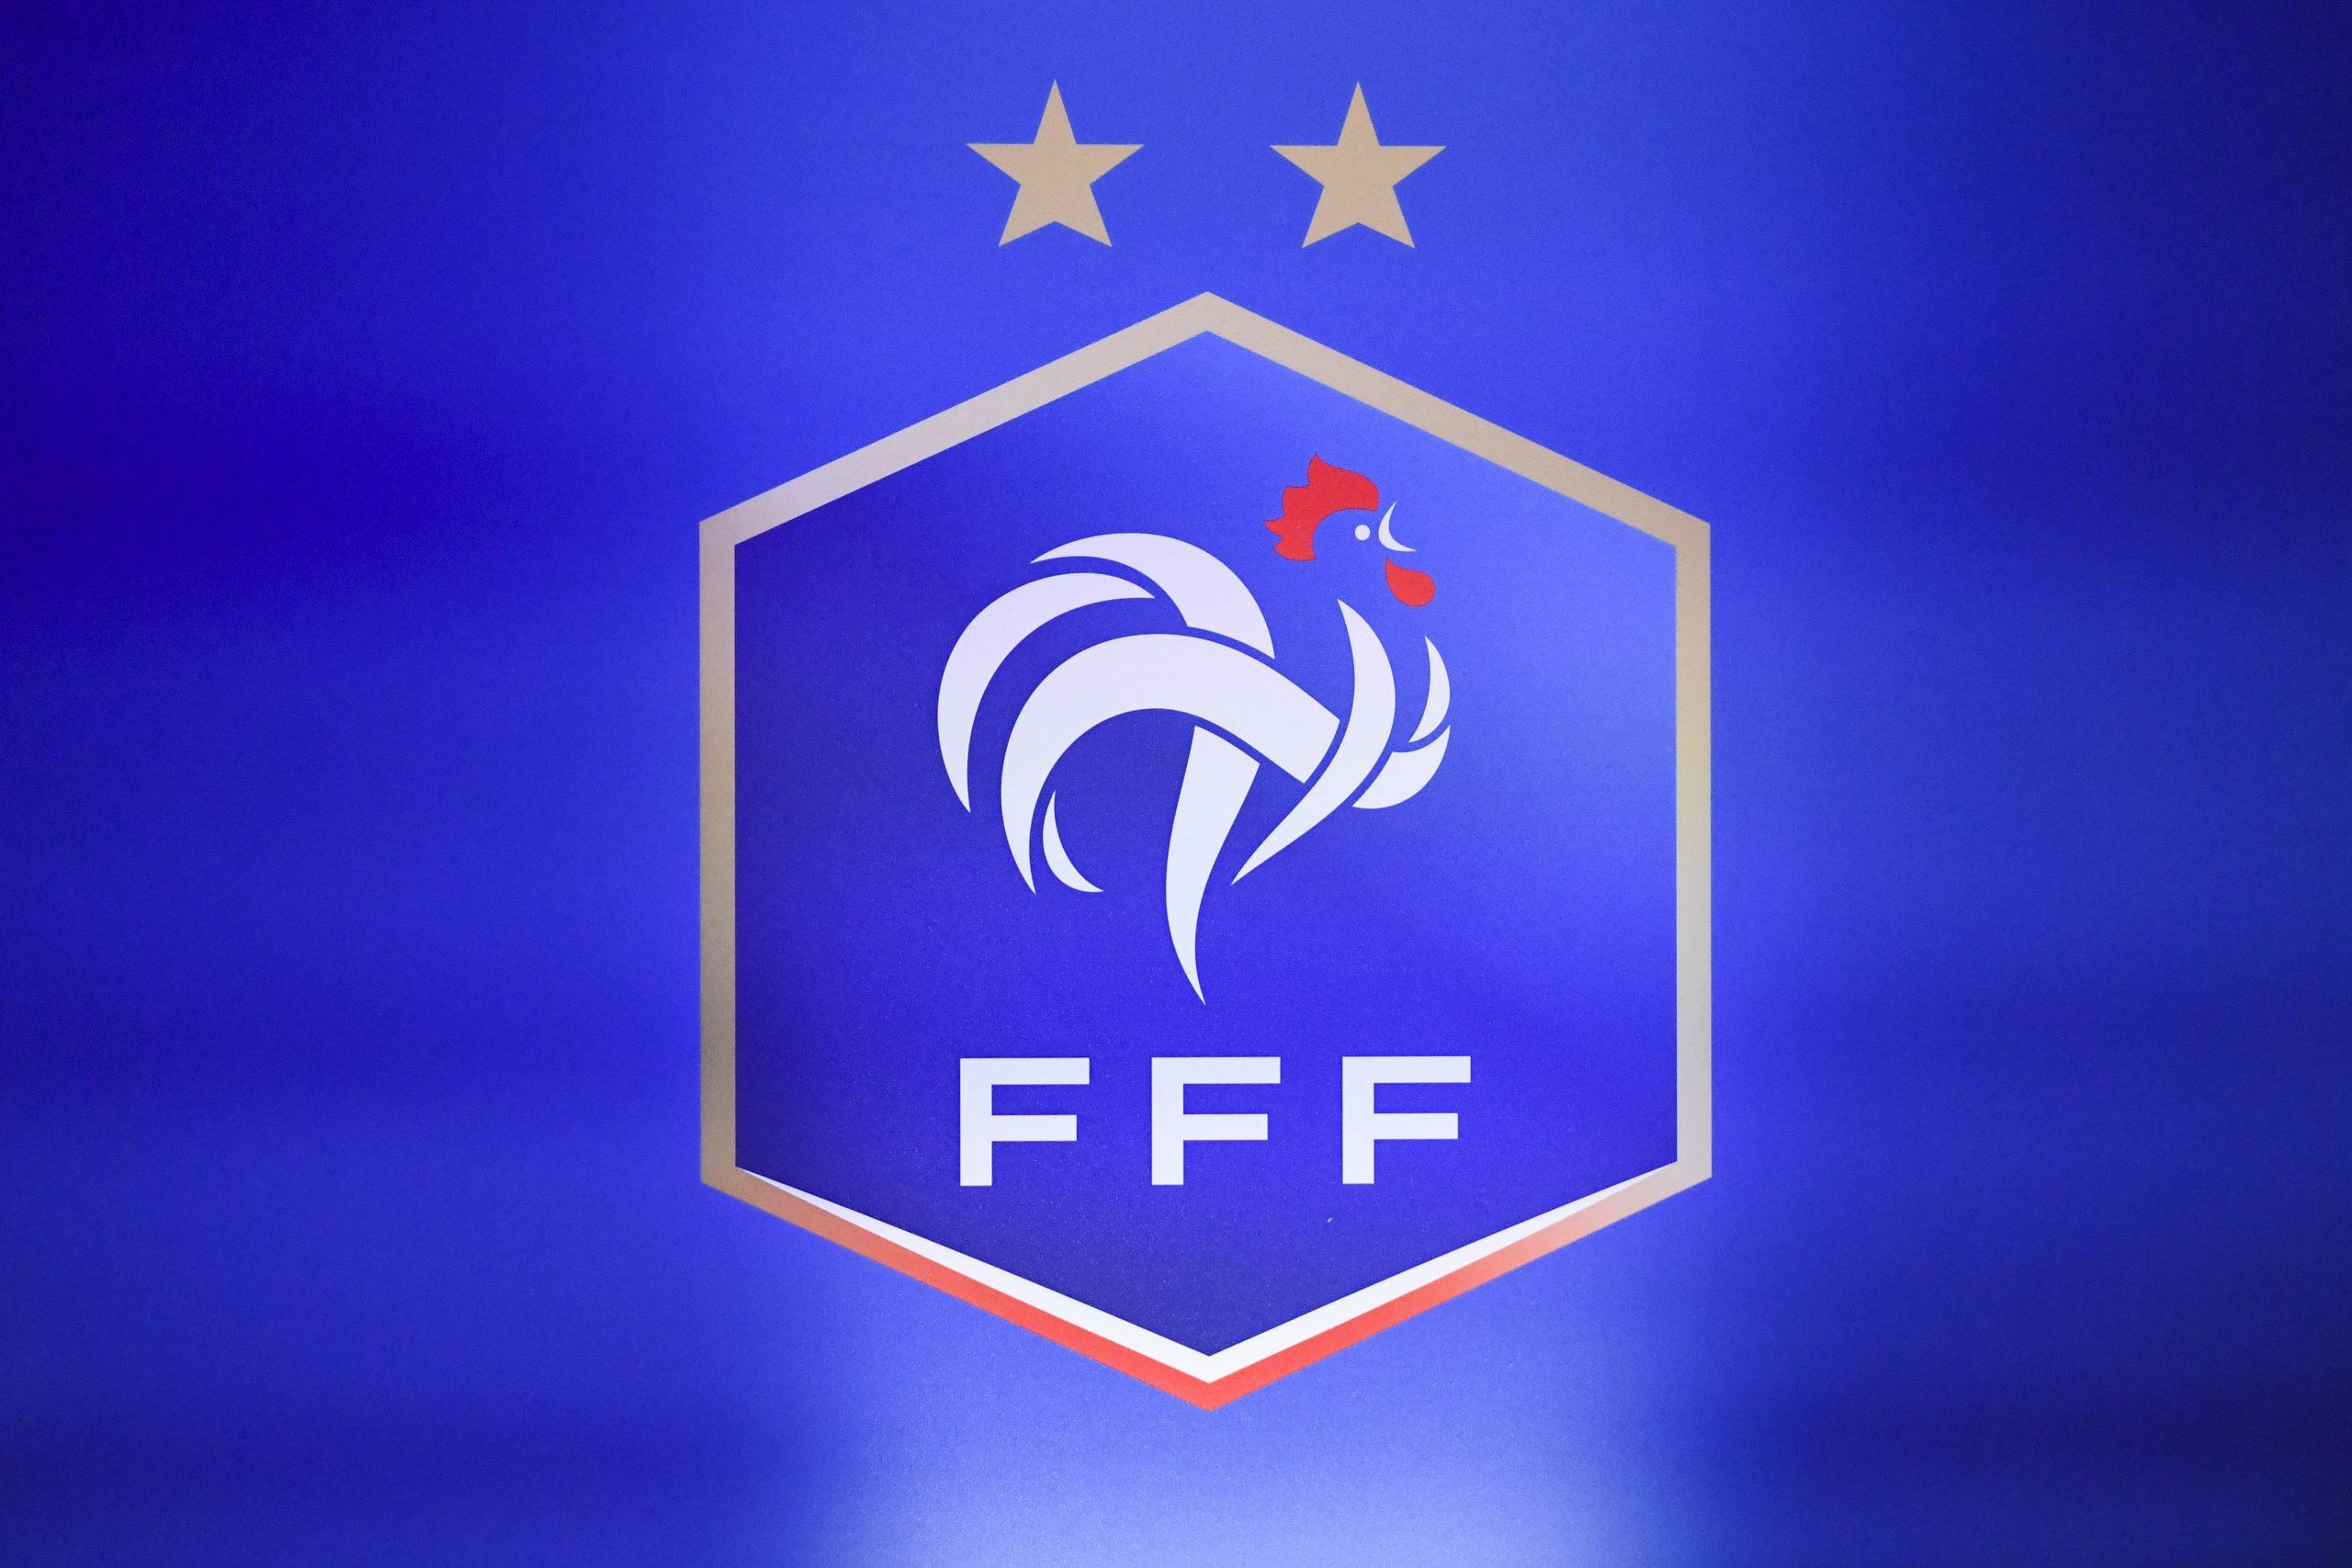 La FFF annonce son plan d'aide pour le football amateur et féminin